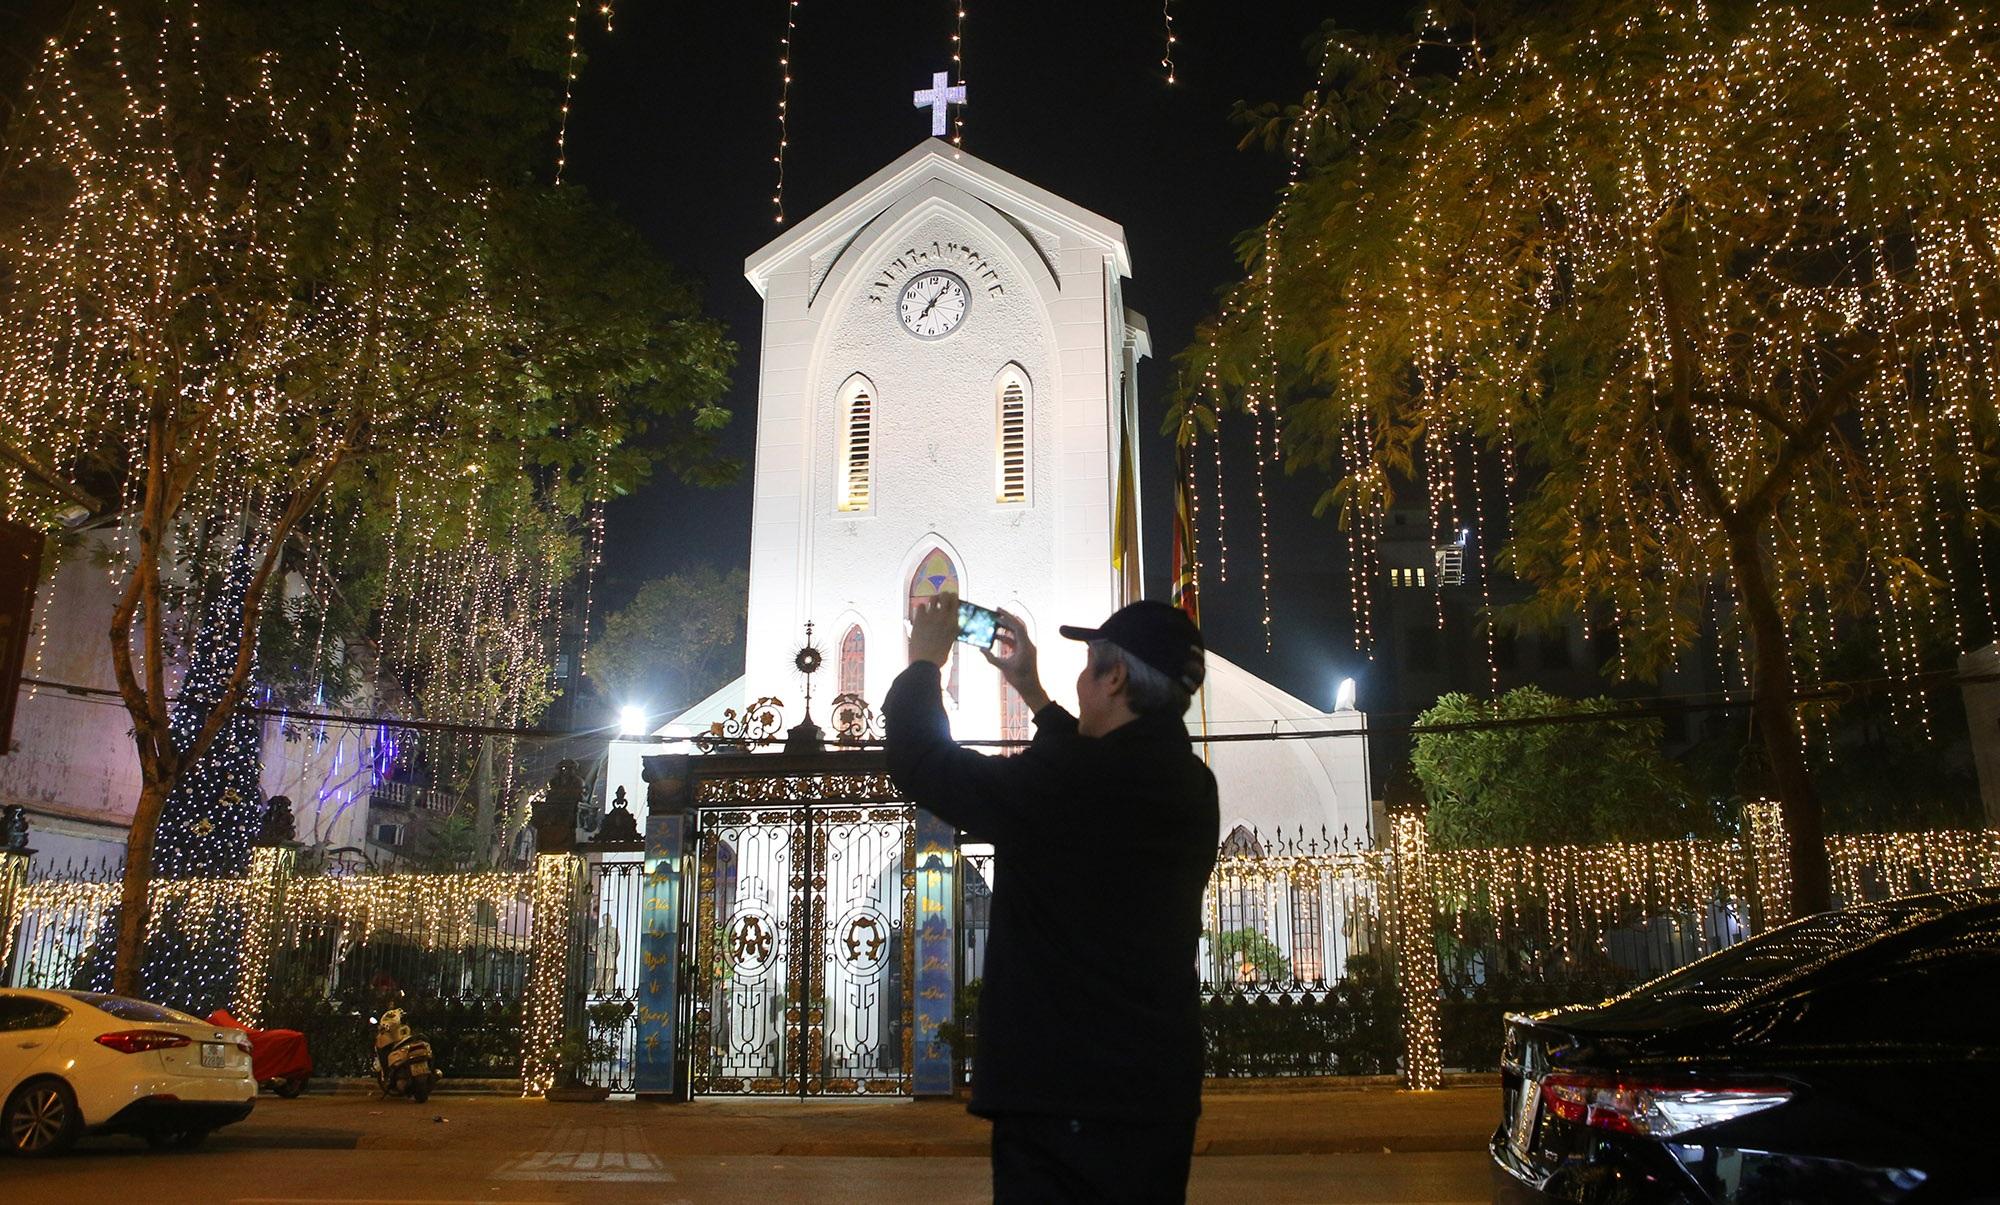 Các nhà thờ tại Hà Nội tỏa sáng lung linh chờ đón Noel 2019 - 5